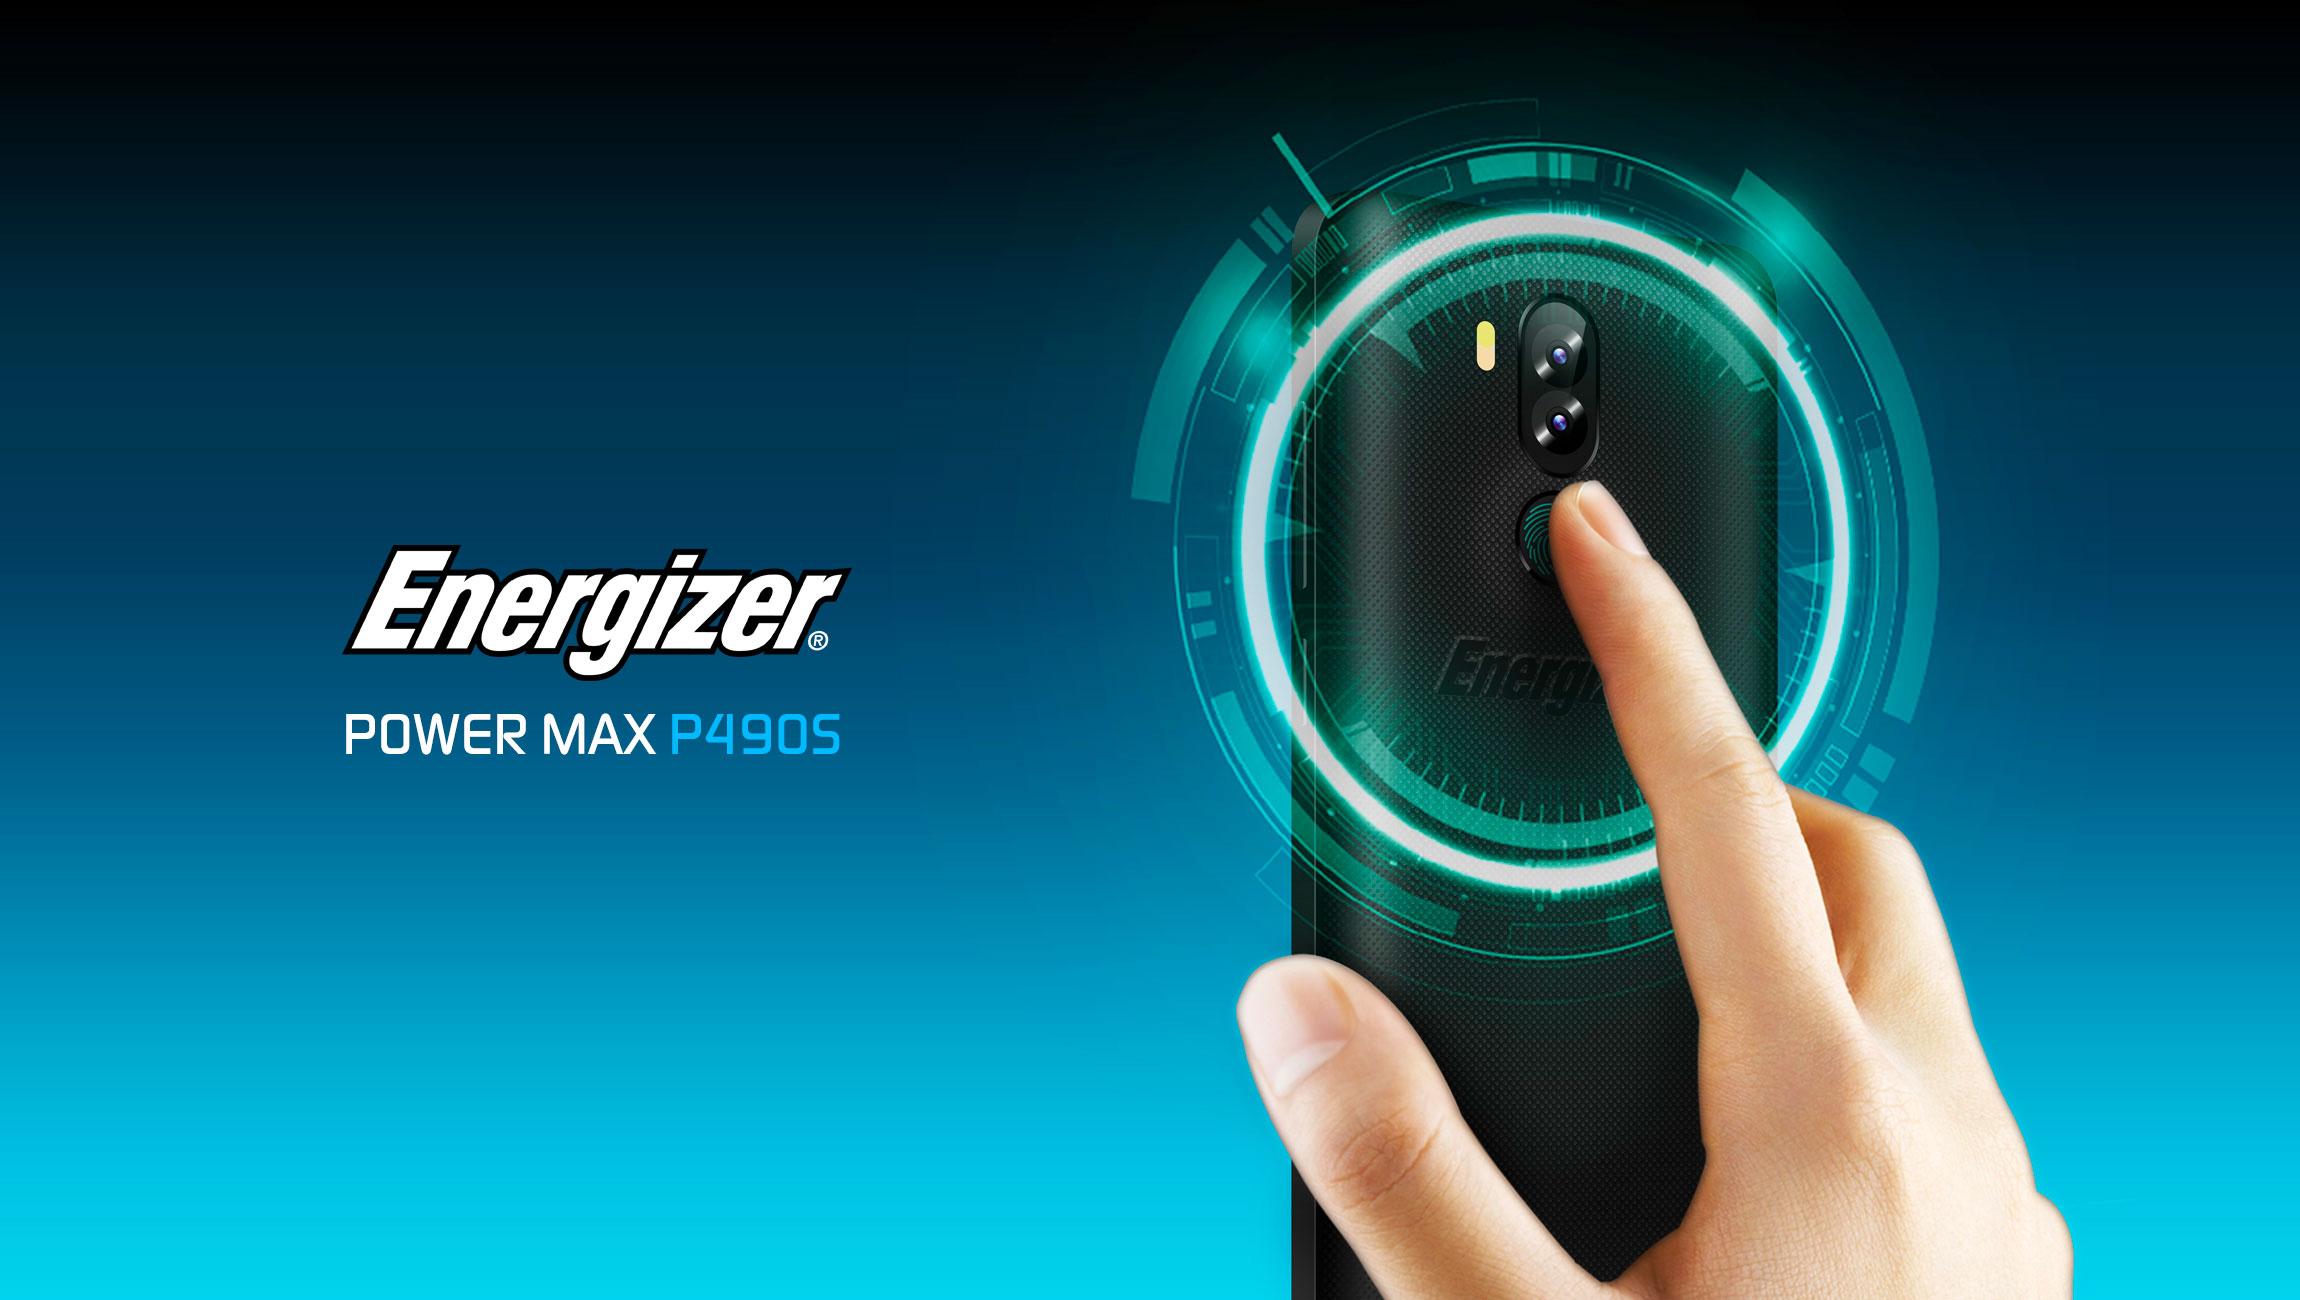 Energizer POWER MAX P490S fingerprint reader